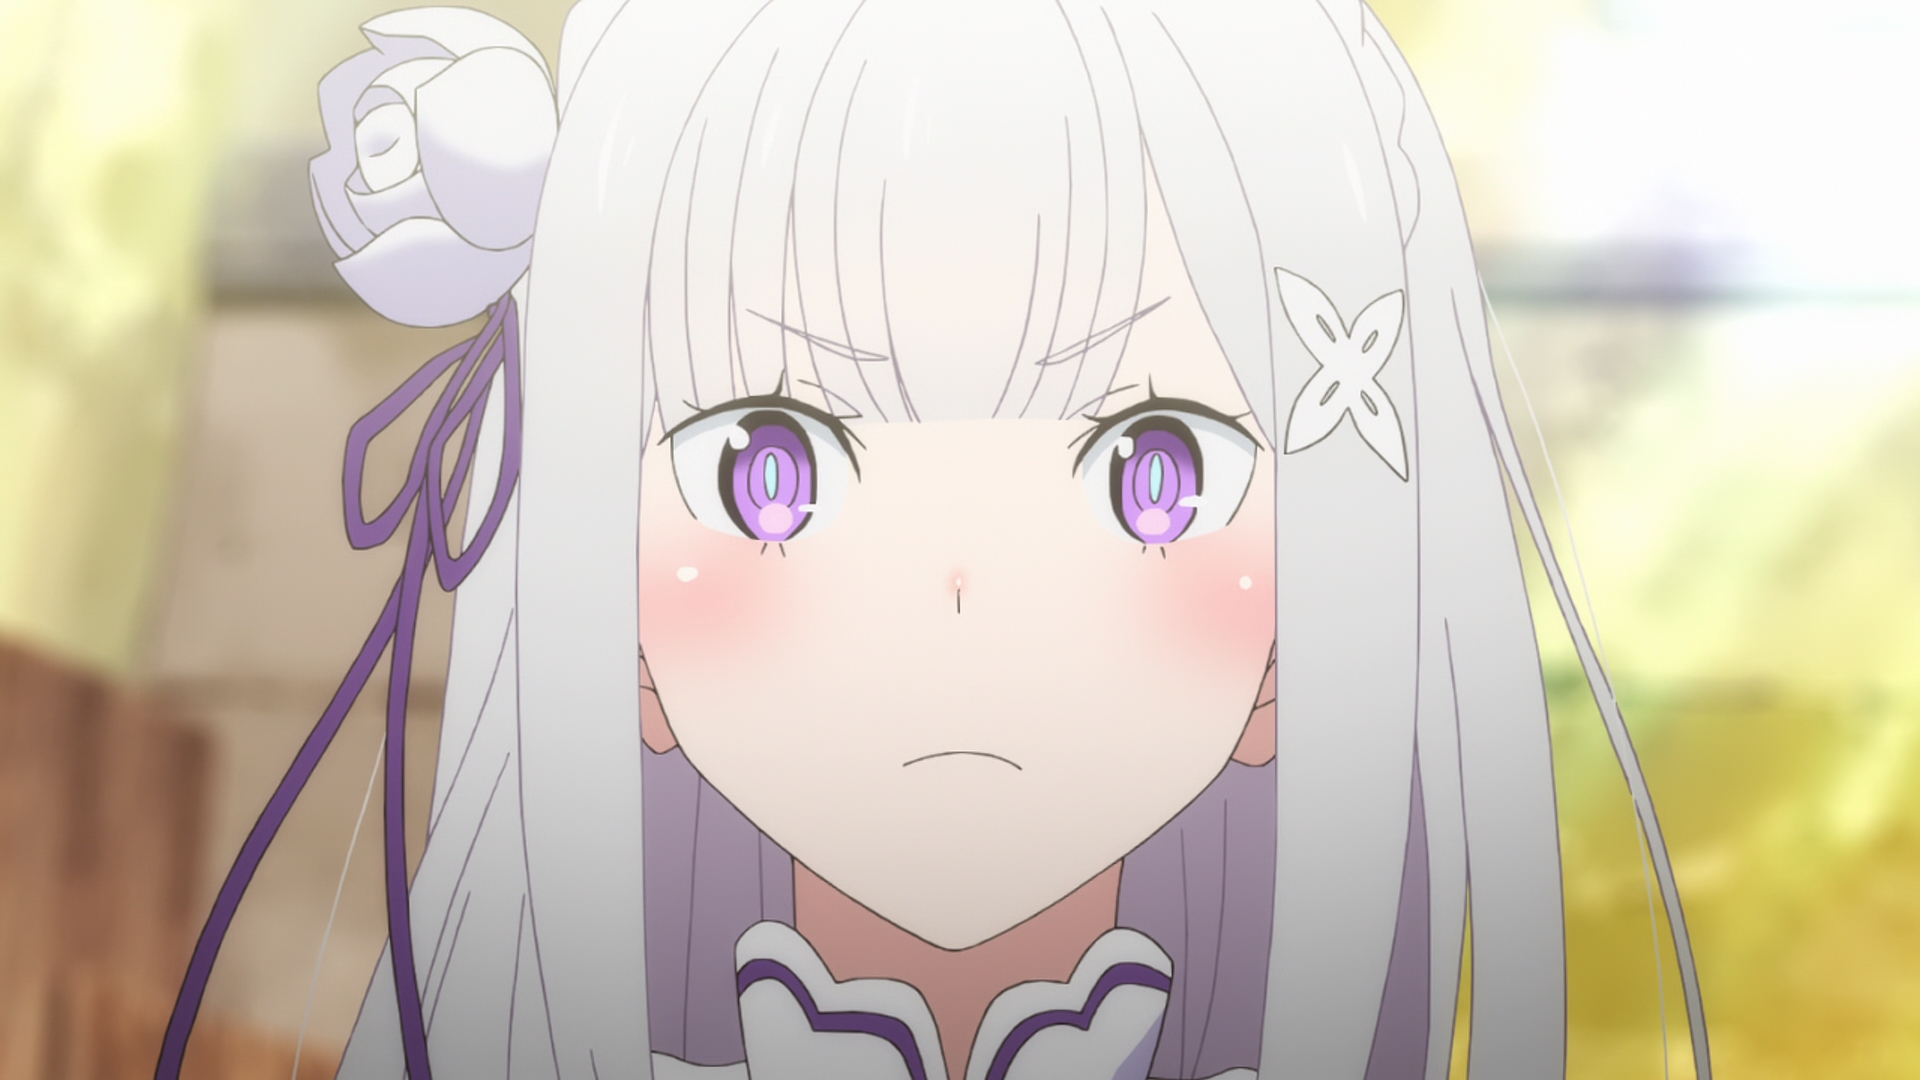 Re:Zero Kara Hajimeru Isekai Seikatsu [25/25][x264][Hi444p][BD][1080p]